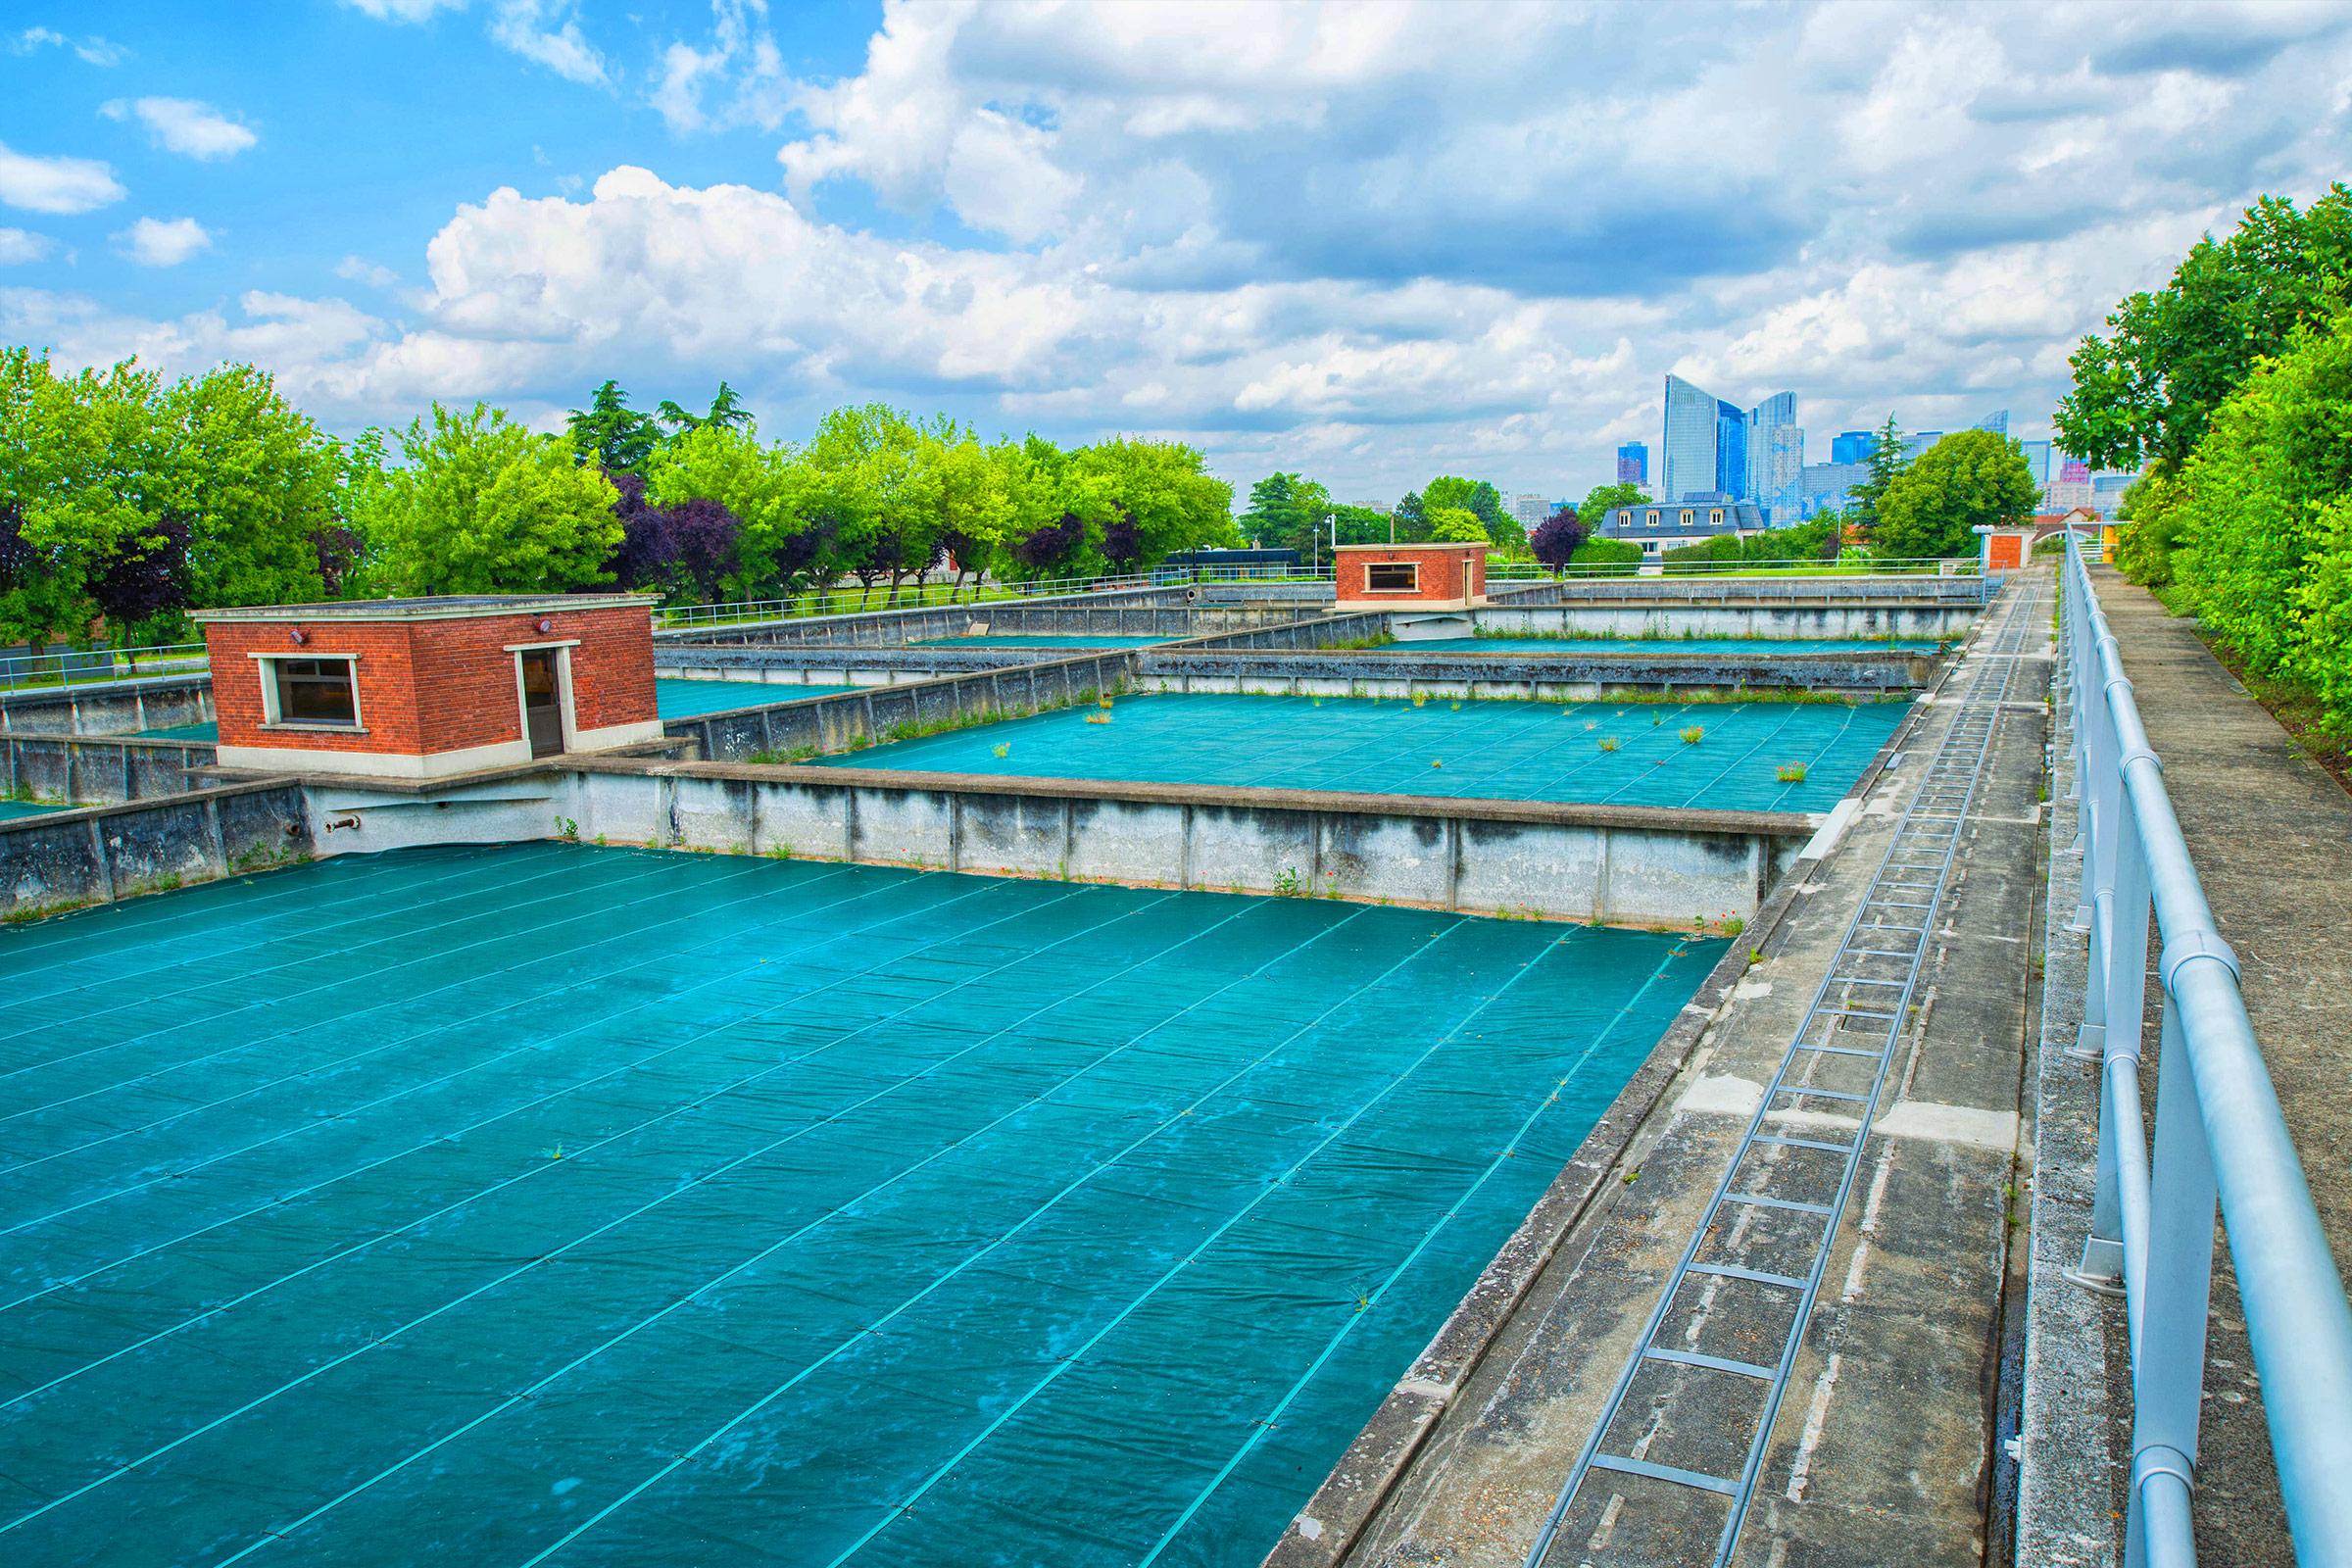 Bassins et réservoirs de traitement